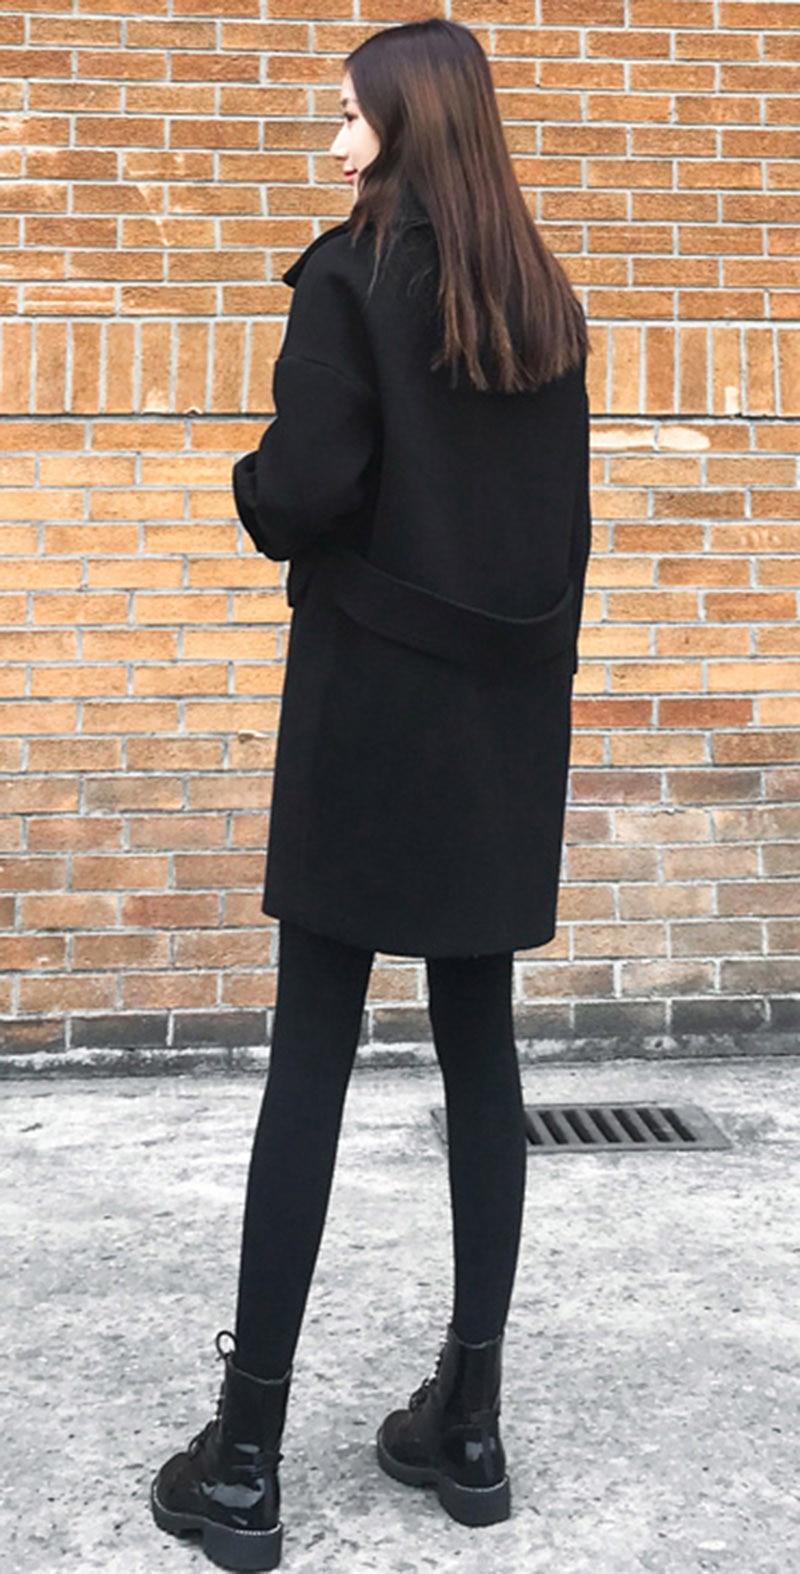 Winter Damen Elegant Jacke Von 2018 Größe Casual 34 Drop Schulter Ärmel Großhandel XL Plus Basic Mantel Schwarz Frauen Woolen 5XL Lang Wollmantel XZPiTkuO